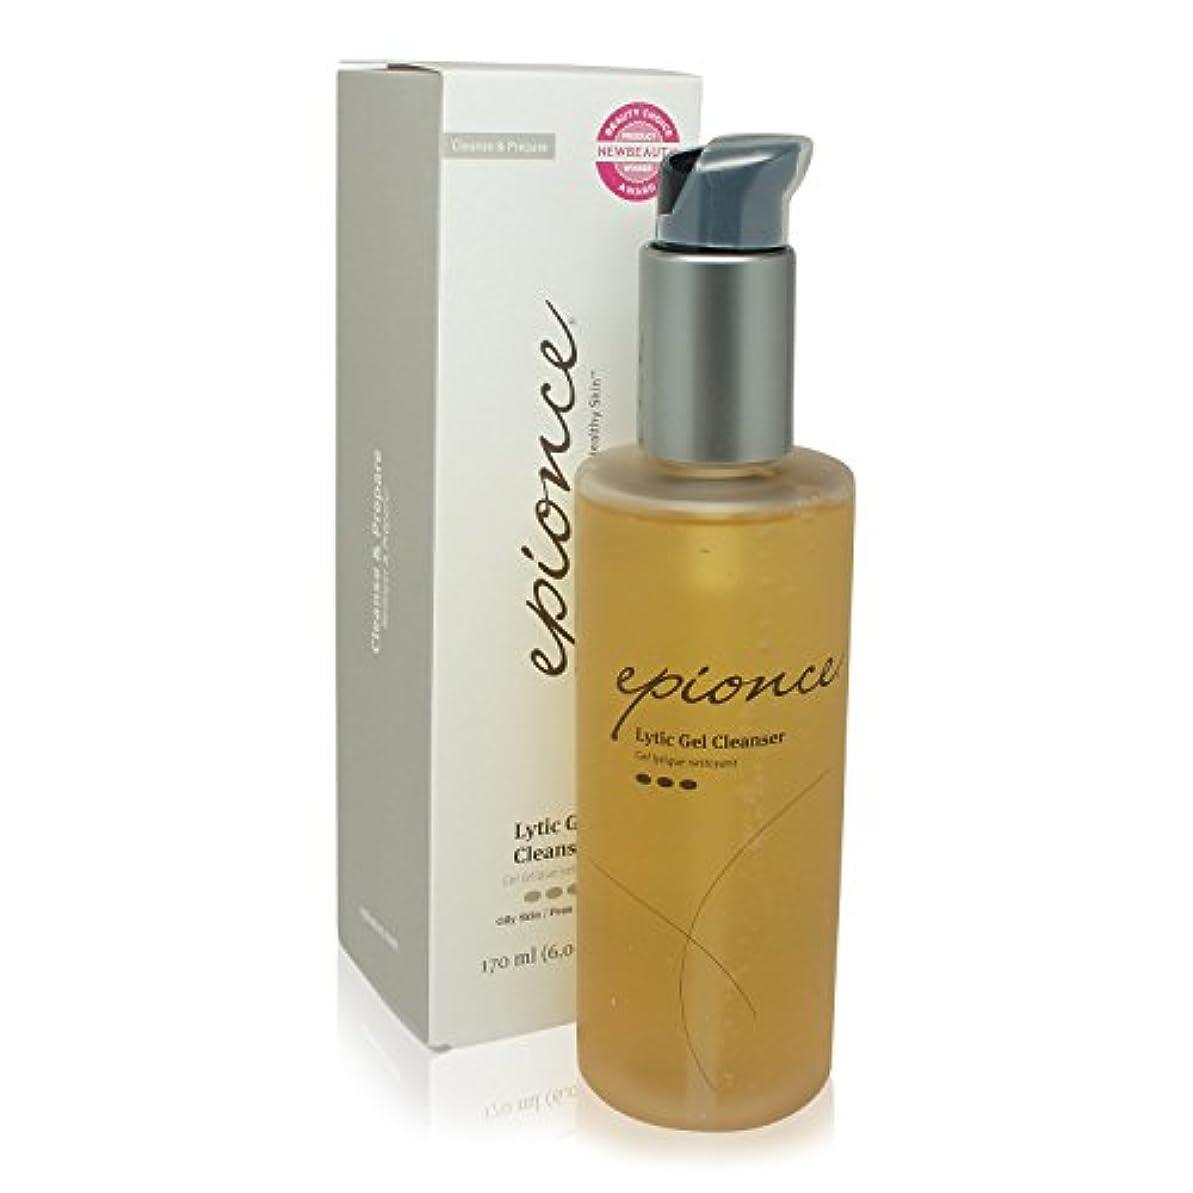 テンポ匿名フラップEpionce Lytic Gel Cleanser - For Combination to Oily/Problem Skin 170ml/6oz並行輸入品